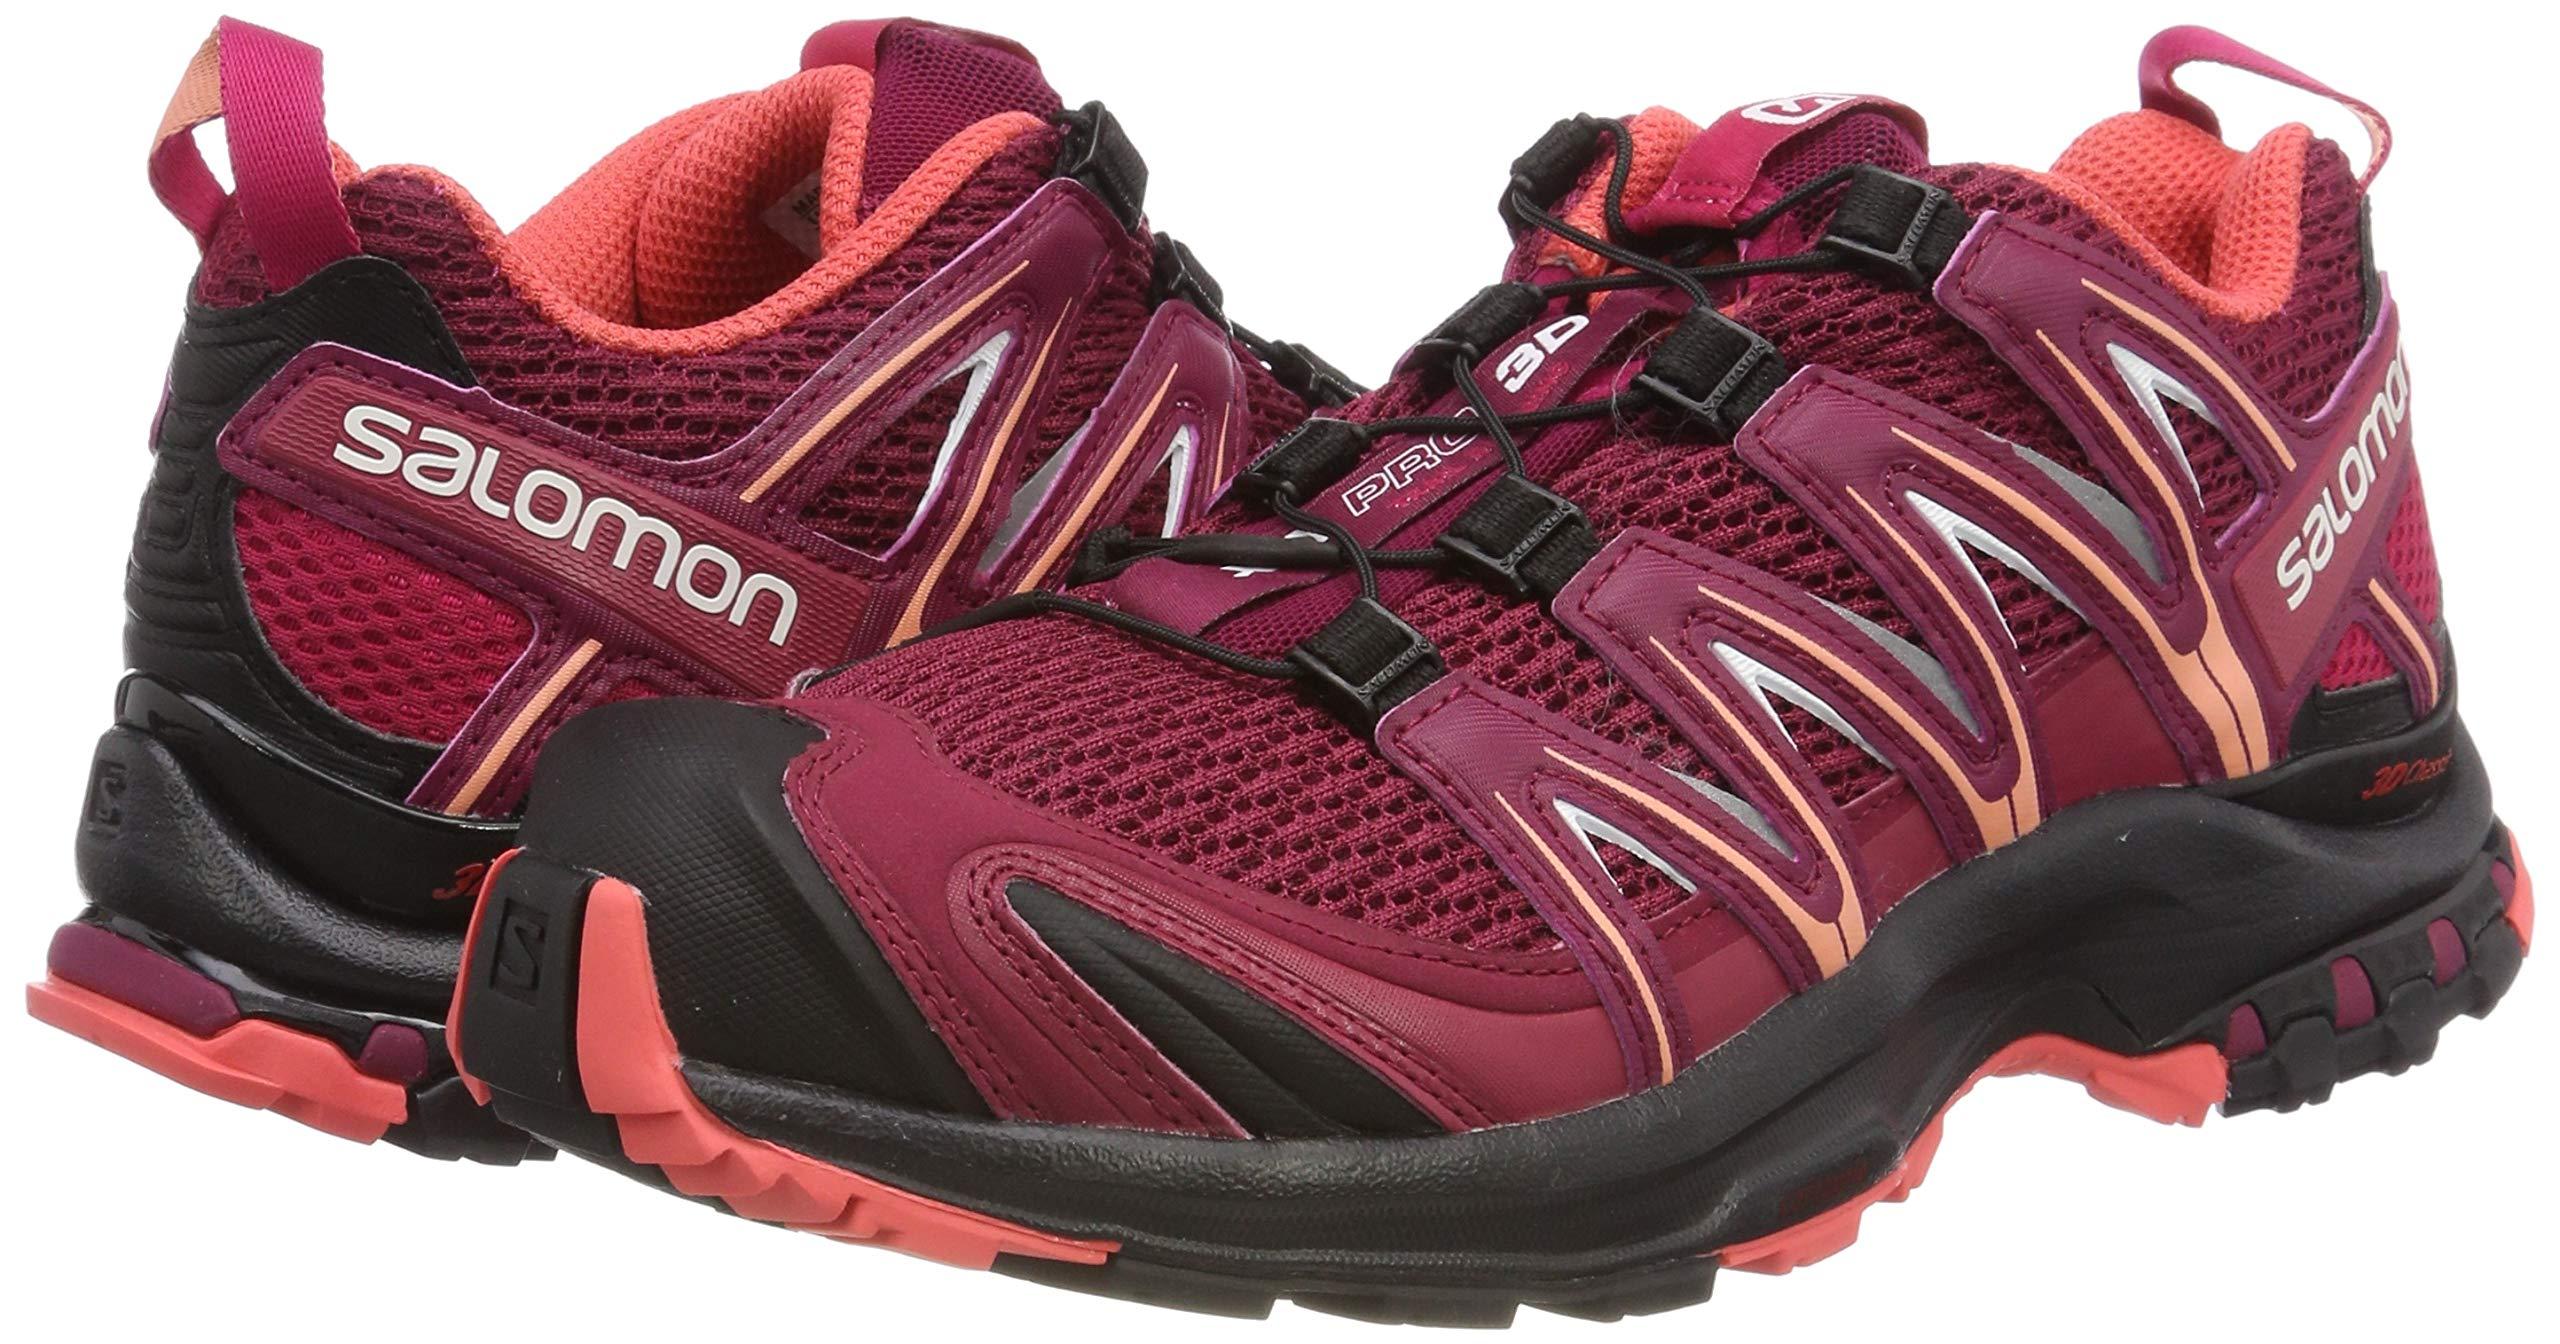 81Sjnw6X1jL - SALOMON Women's Xa Pro 3D W Trail Running Shoes